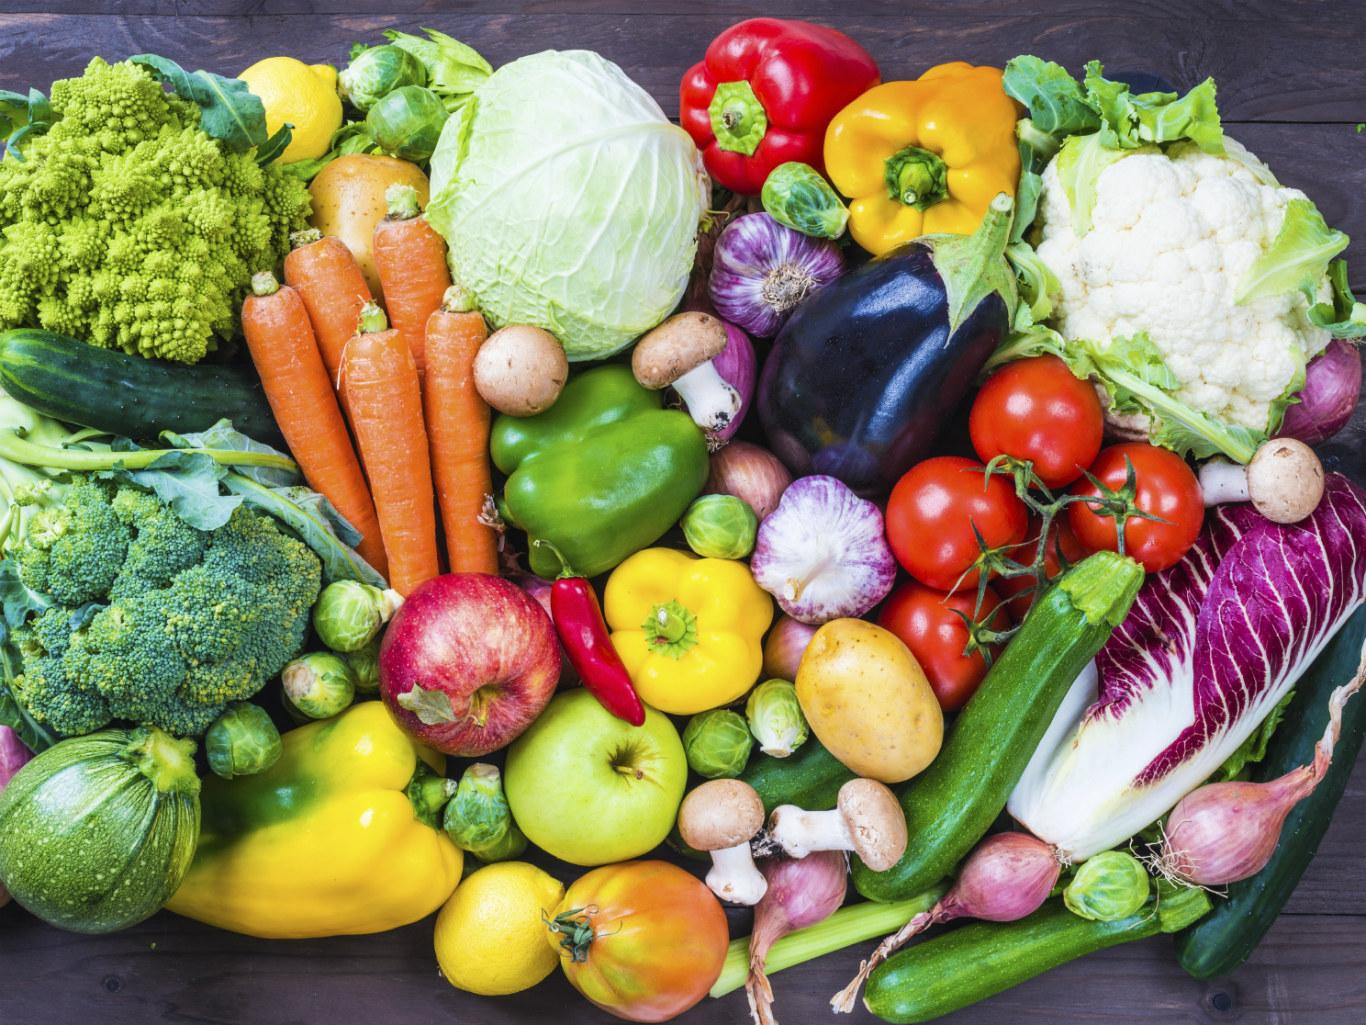 Овощи и фрукты в профилактике заболеваний - Правила питания - Питание -  MEN's LIFE